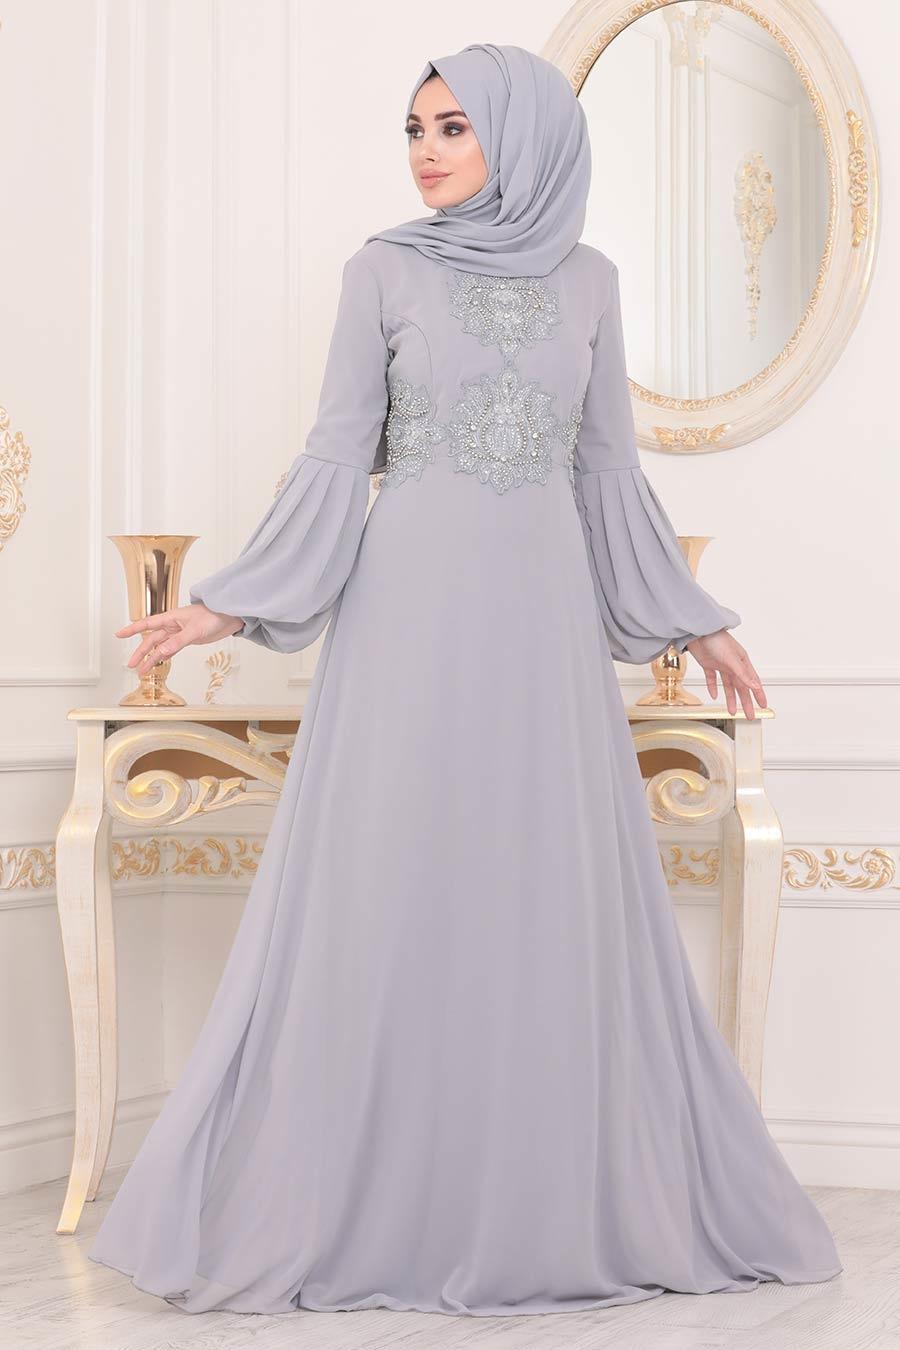 Neva Style - Balon Kol Gri Tesettür Abiye Elbise 9119GR